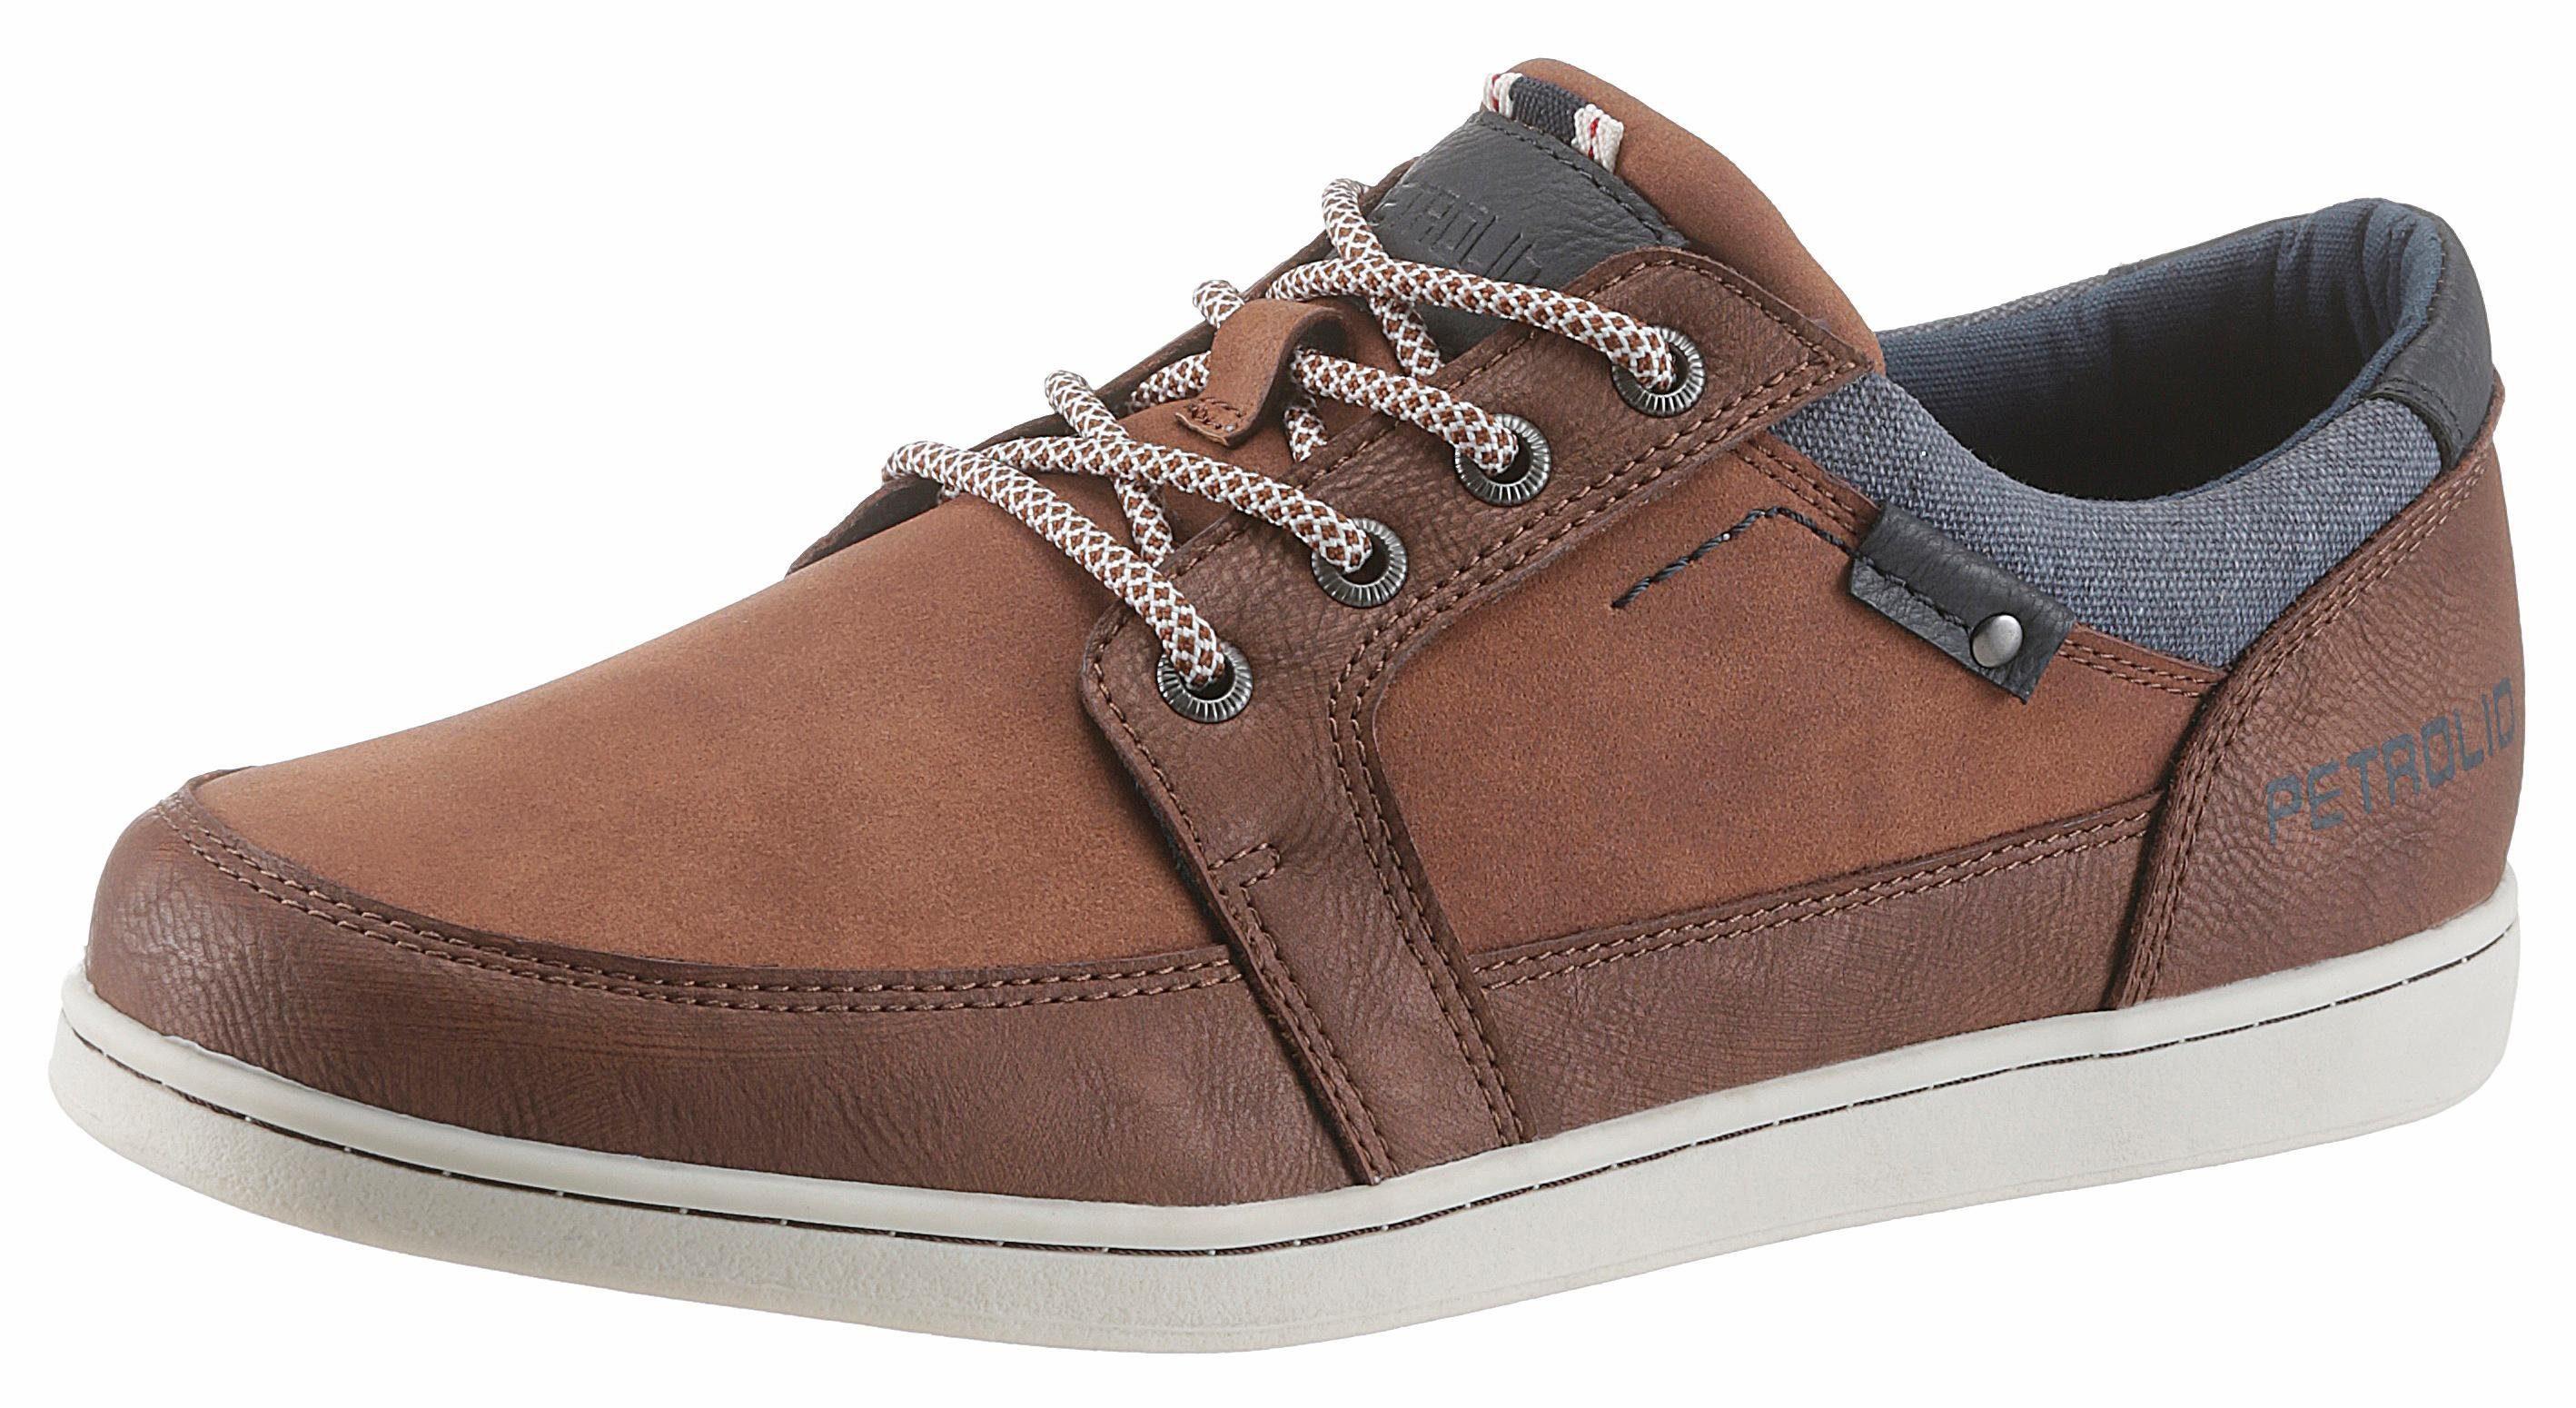 PETROLIO Sneaker, mit stylischem Jeans-Einsatz, braun, 41 41